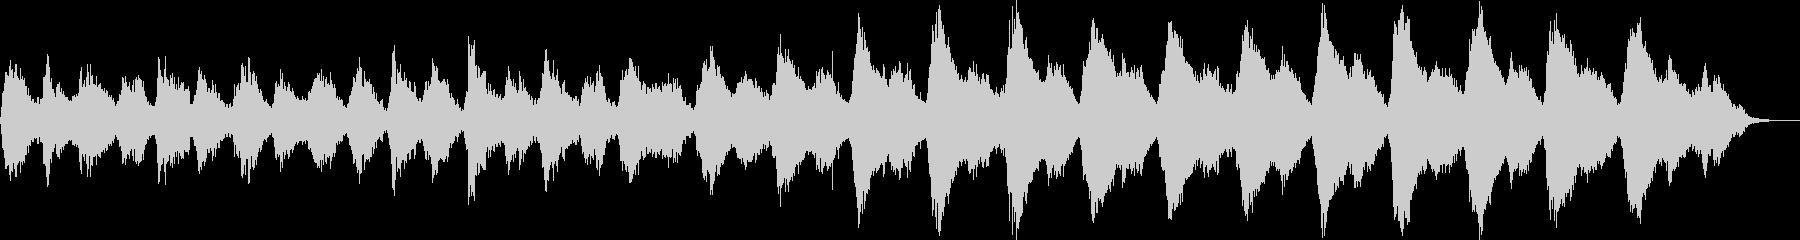 優しいサウンドのヒーリングミュージックの未再生の波形